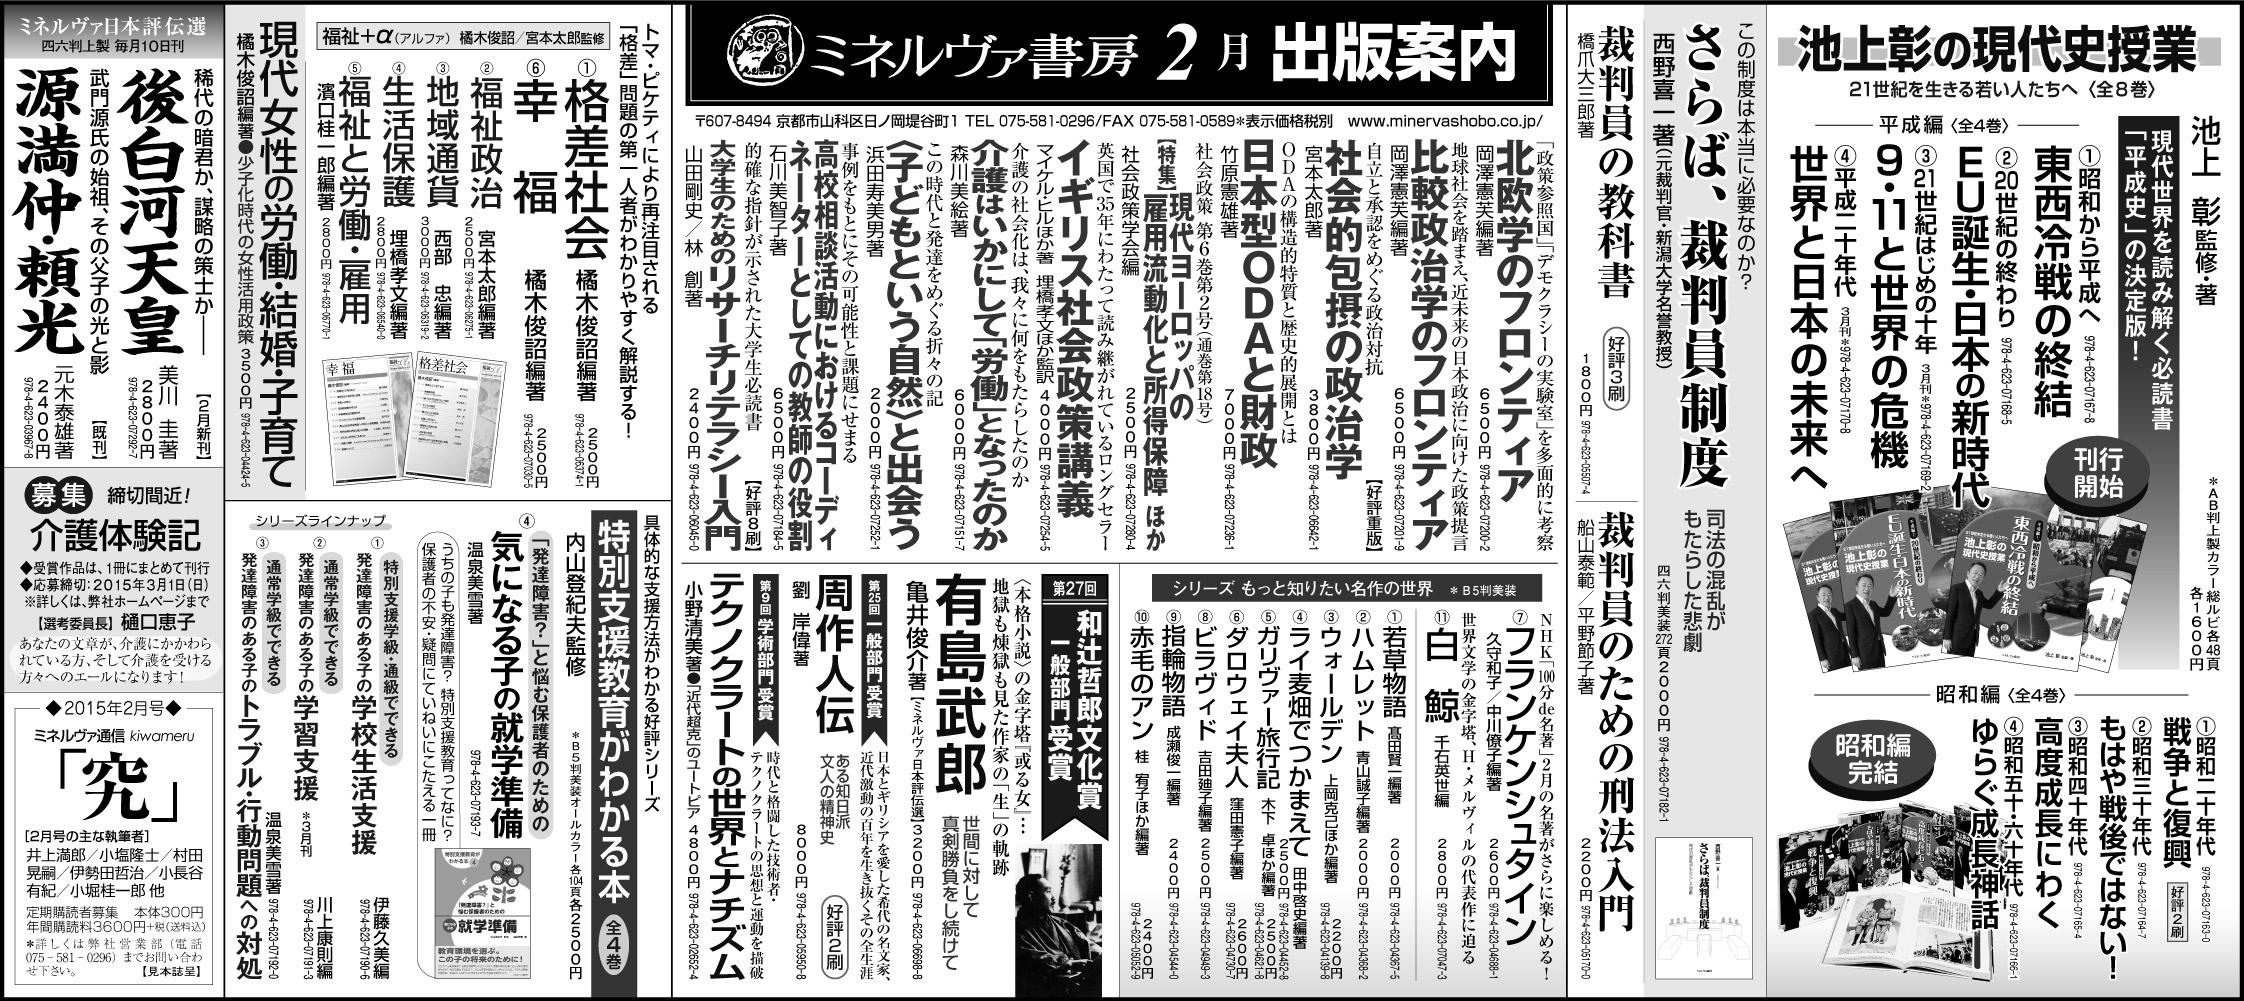 日本経済新聞全5段広告2015年2月15日掲載